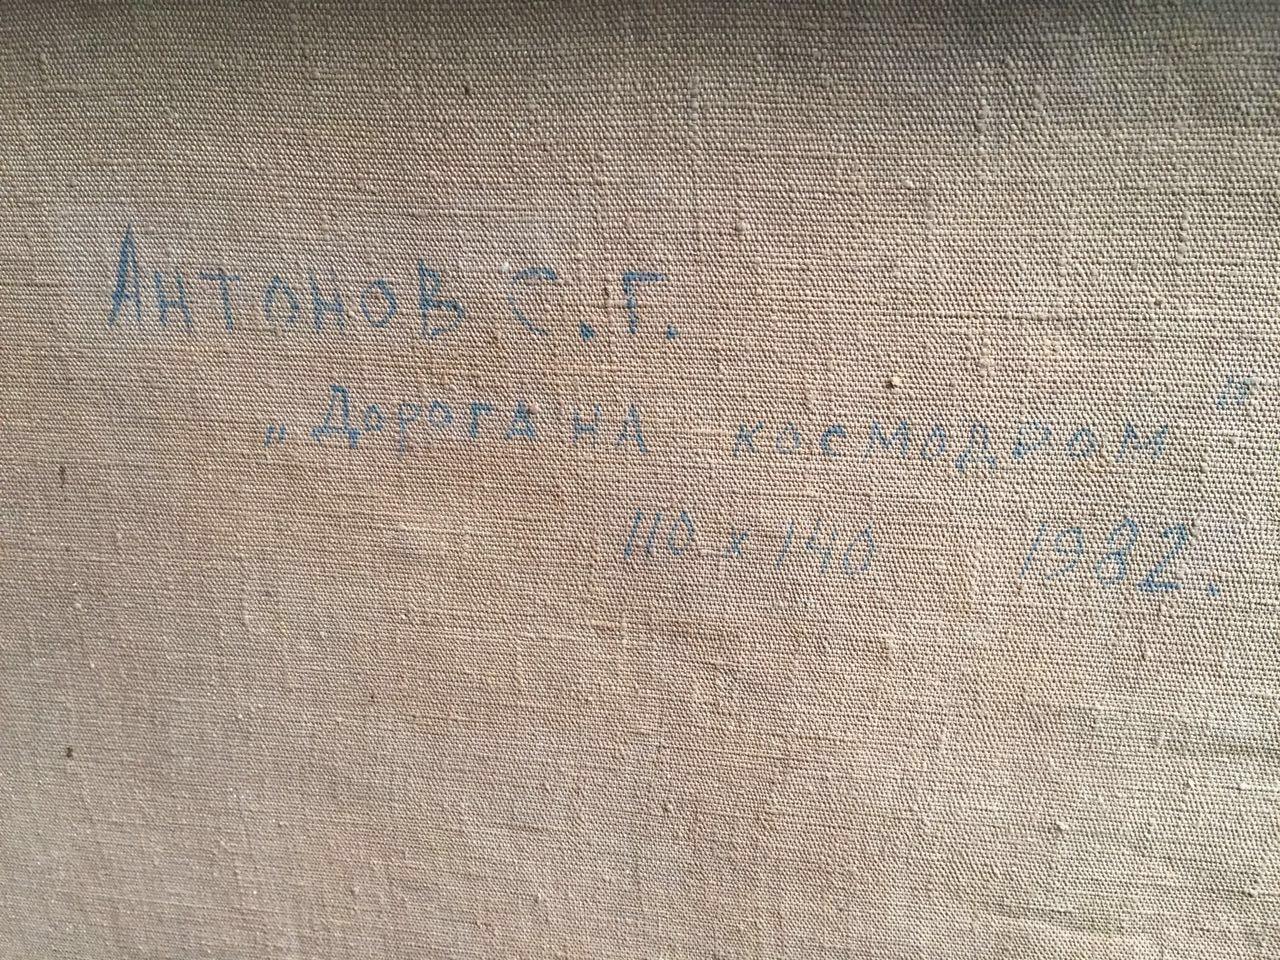 Оборот. Антонов Сергей Георгиевич. Дорога на космодром.